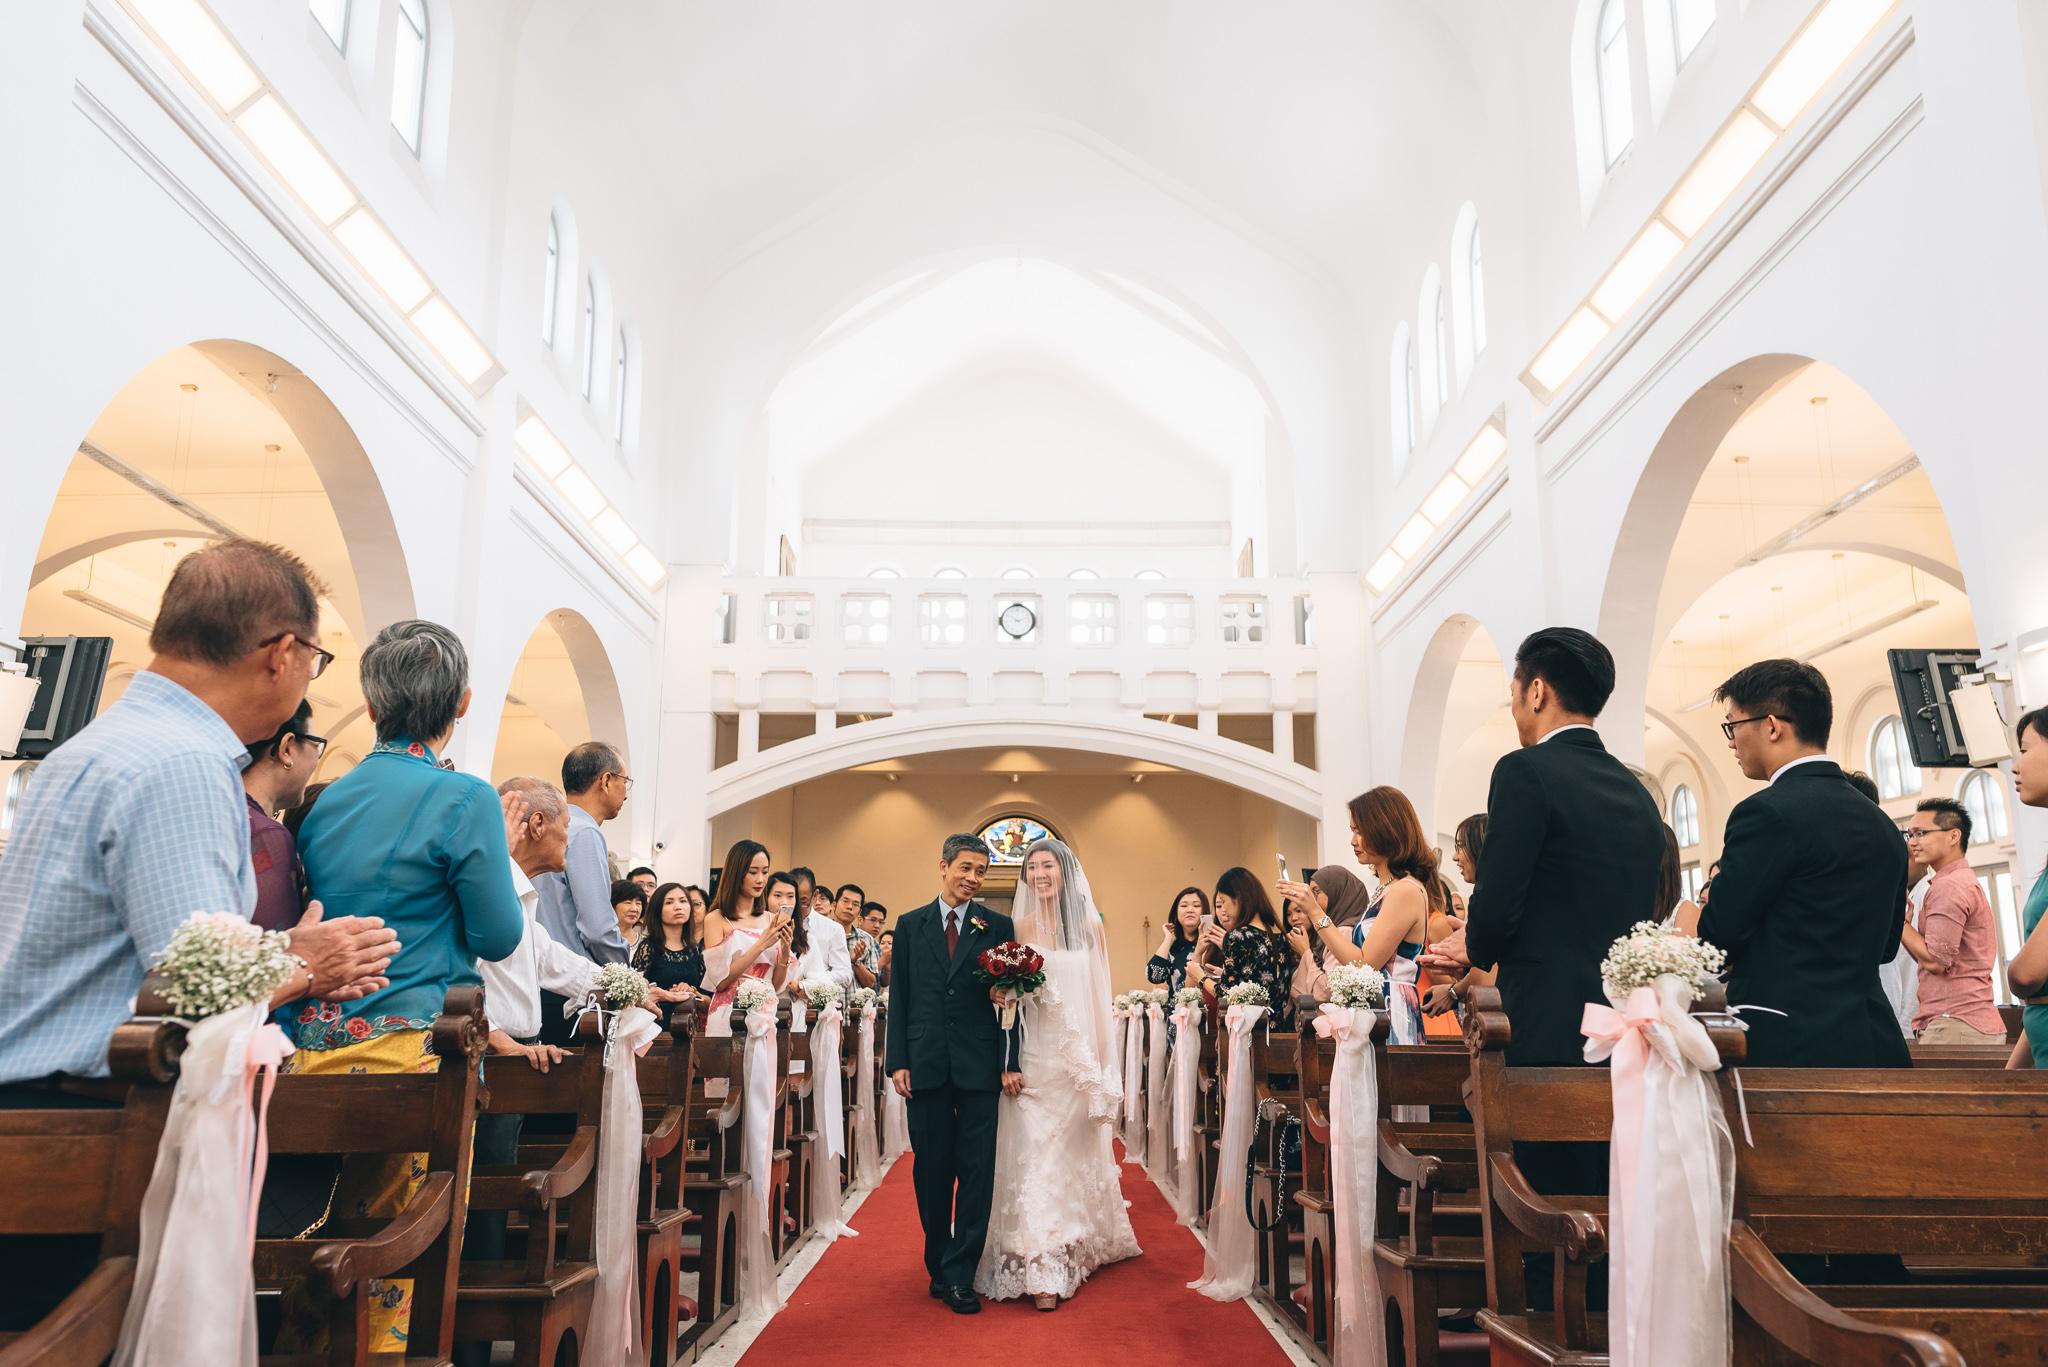 Lionel & Karen Wedding Day Highlights (resized for sharing) - 052.jpg